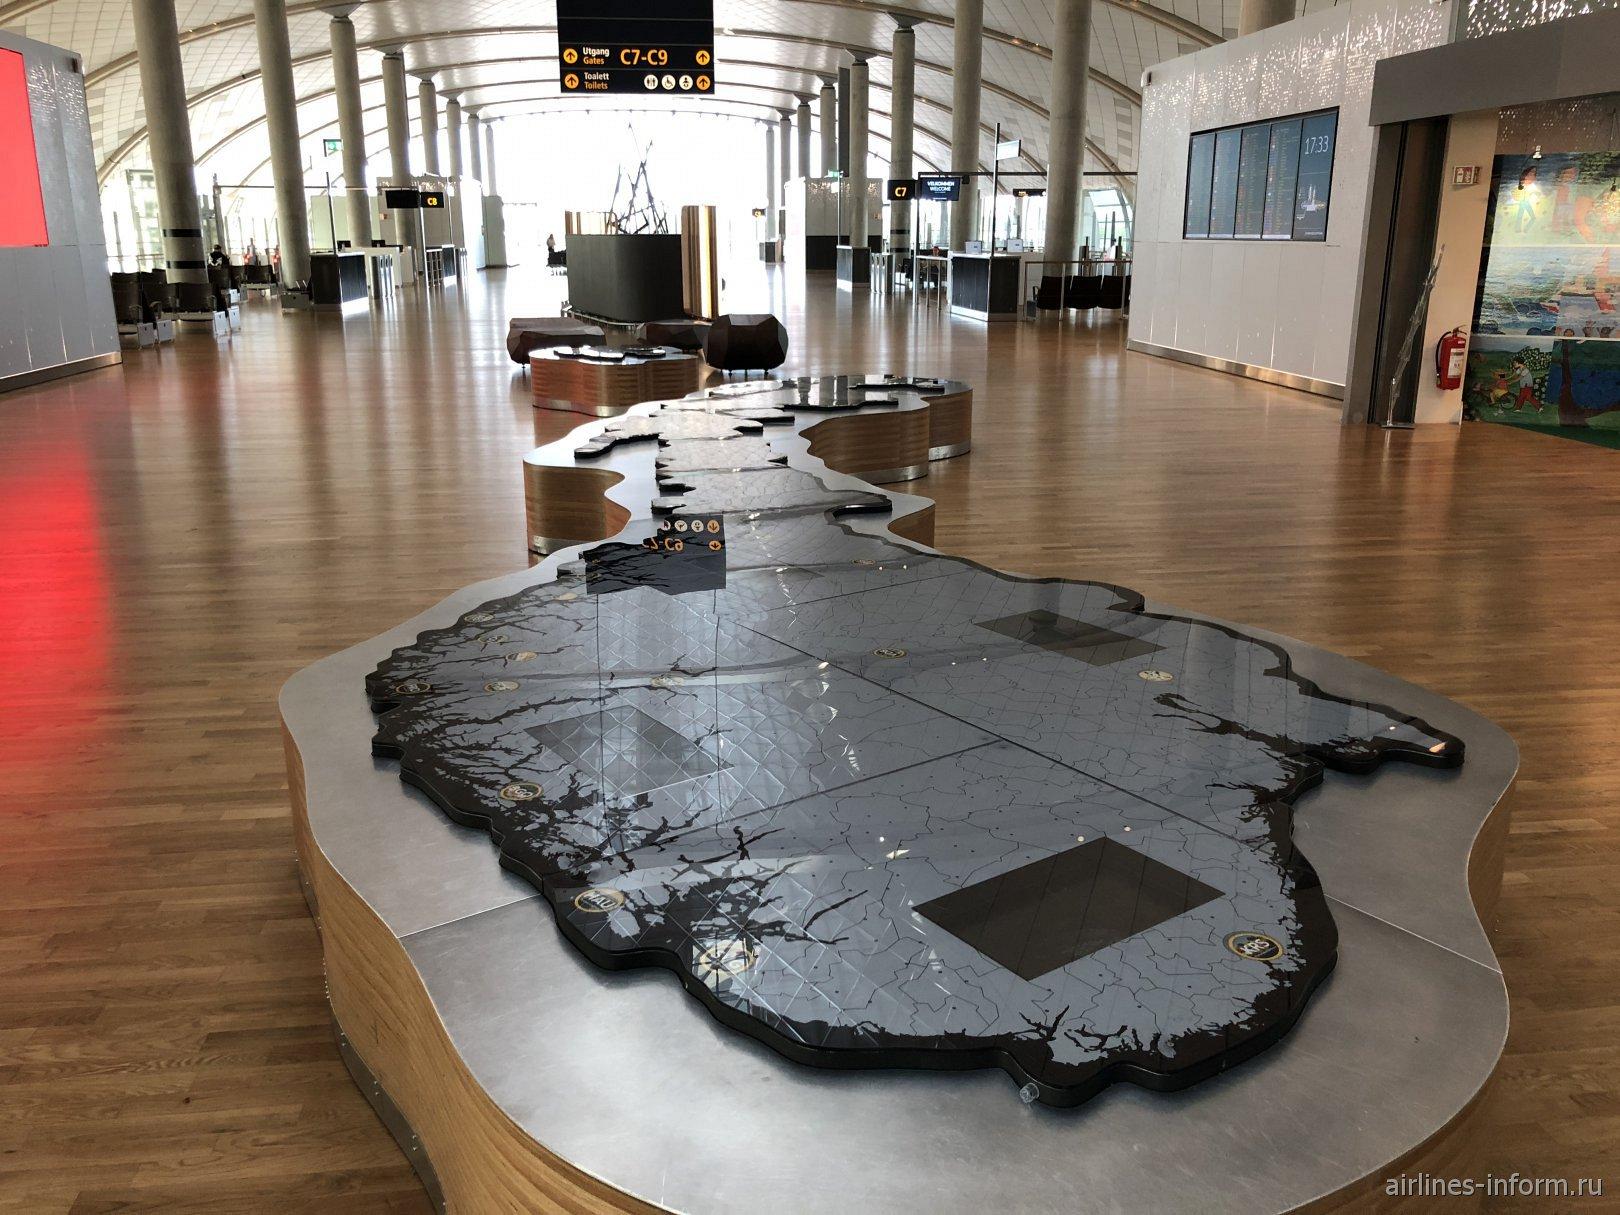 Рельефная карта Норвегии в зоне С аэропорта Осло Гардермуэн